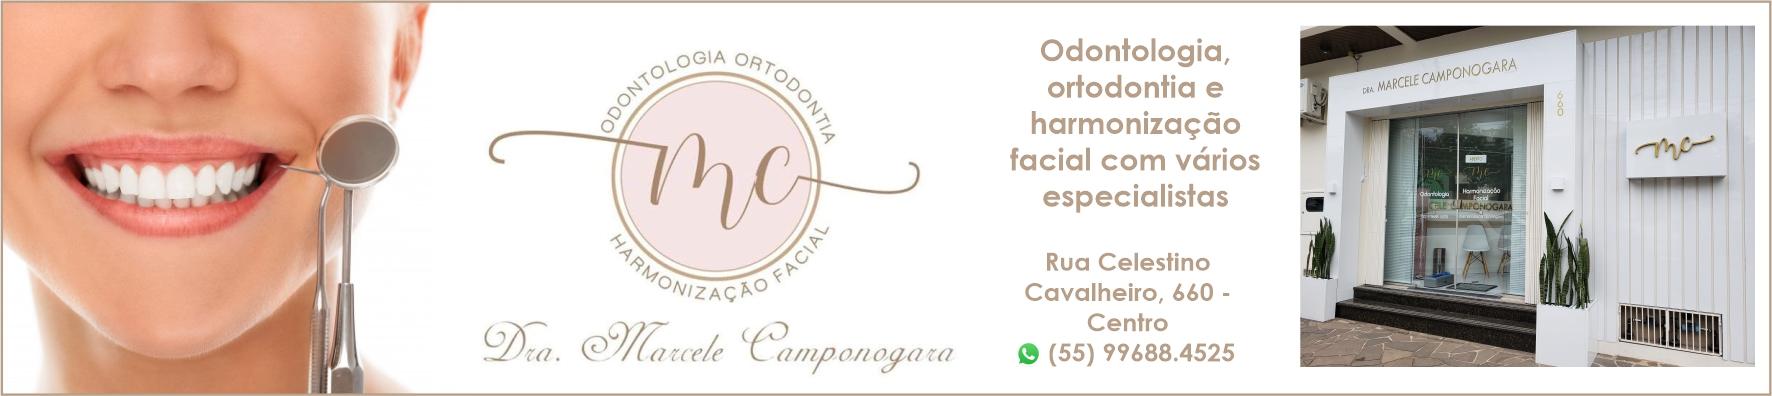 Dra. Marcele Camponogara - em novo endereço em São Gabriel